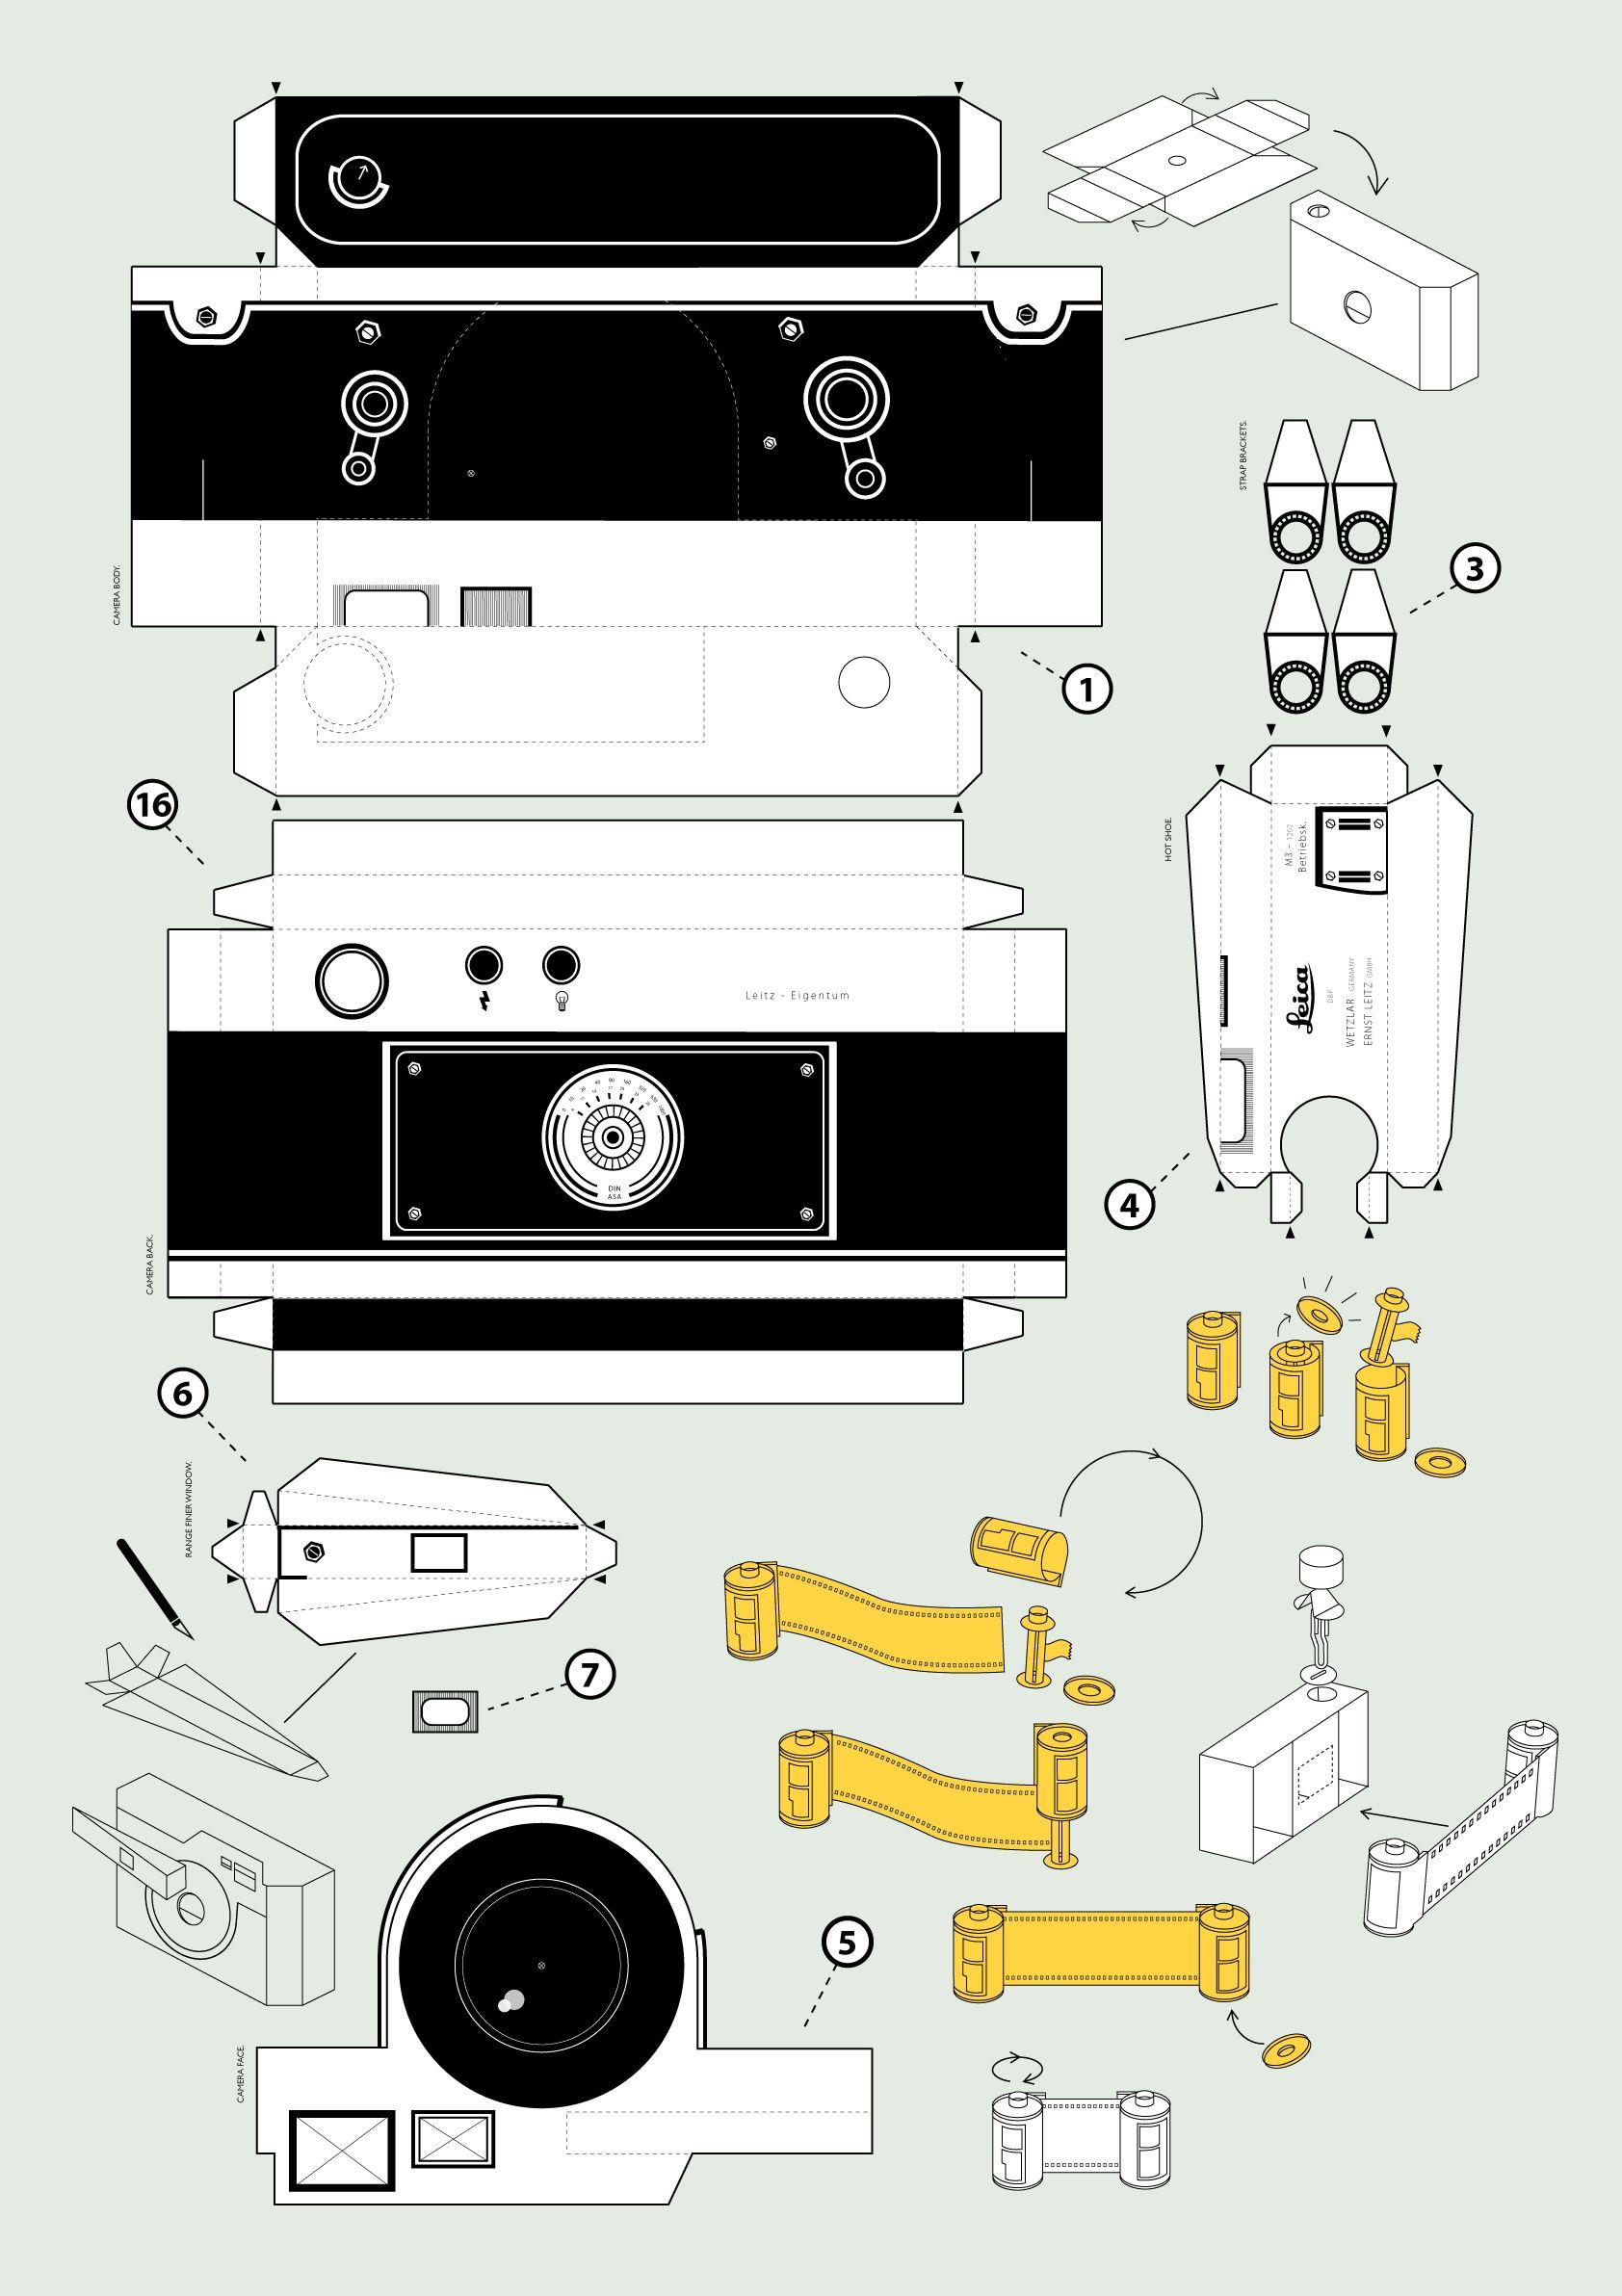 Схема видеокамеры из бумаги распечатать